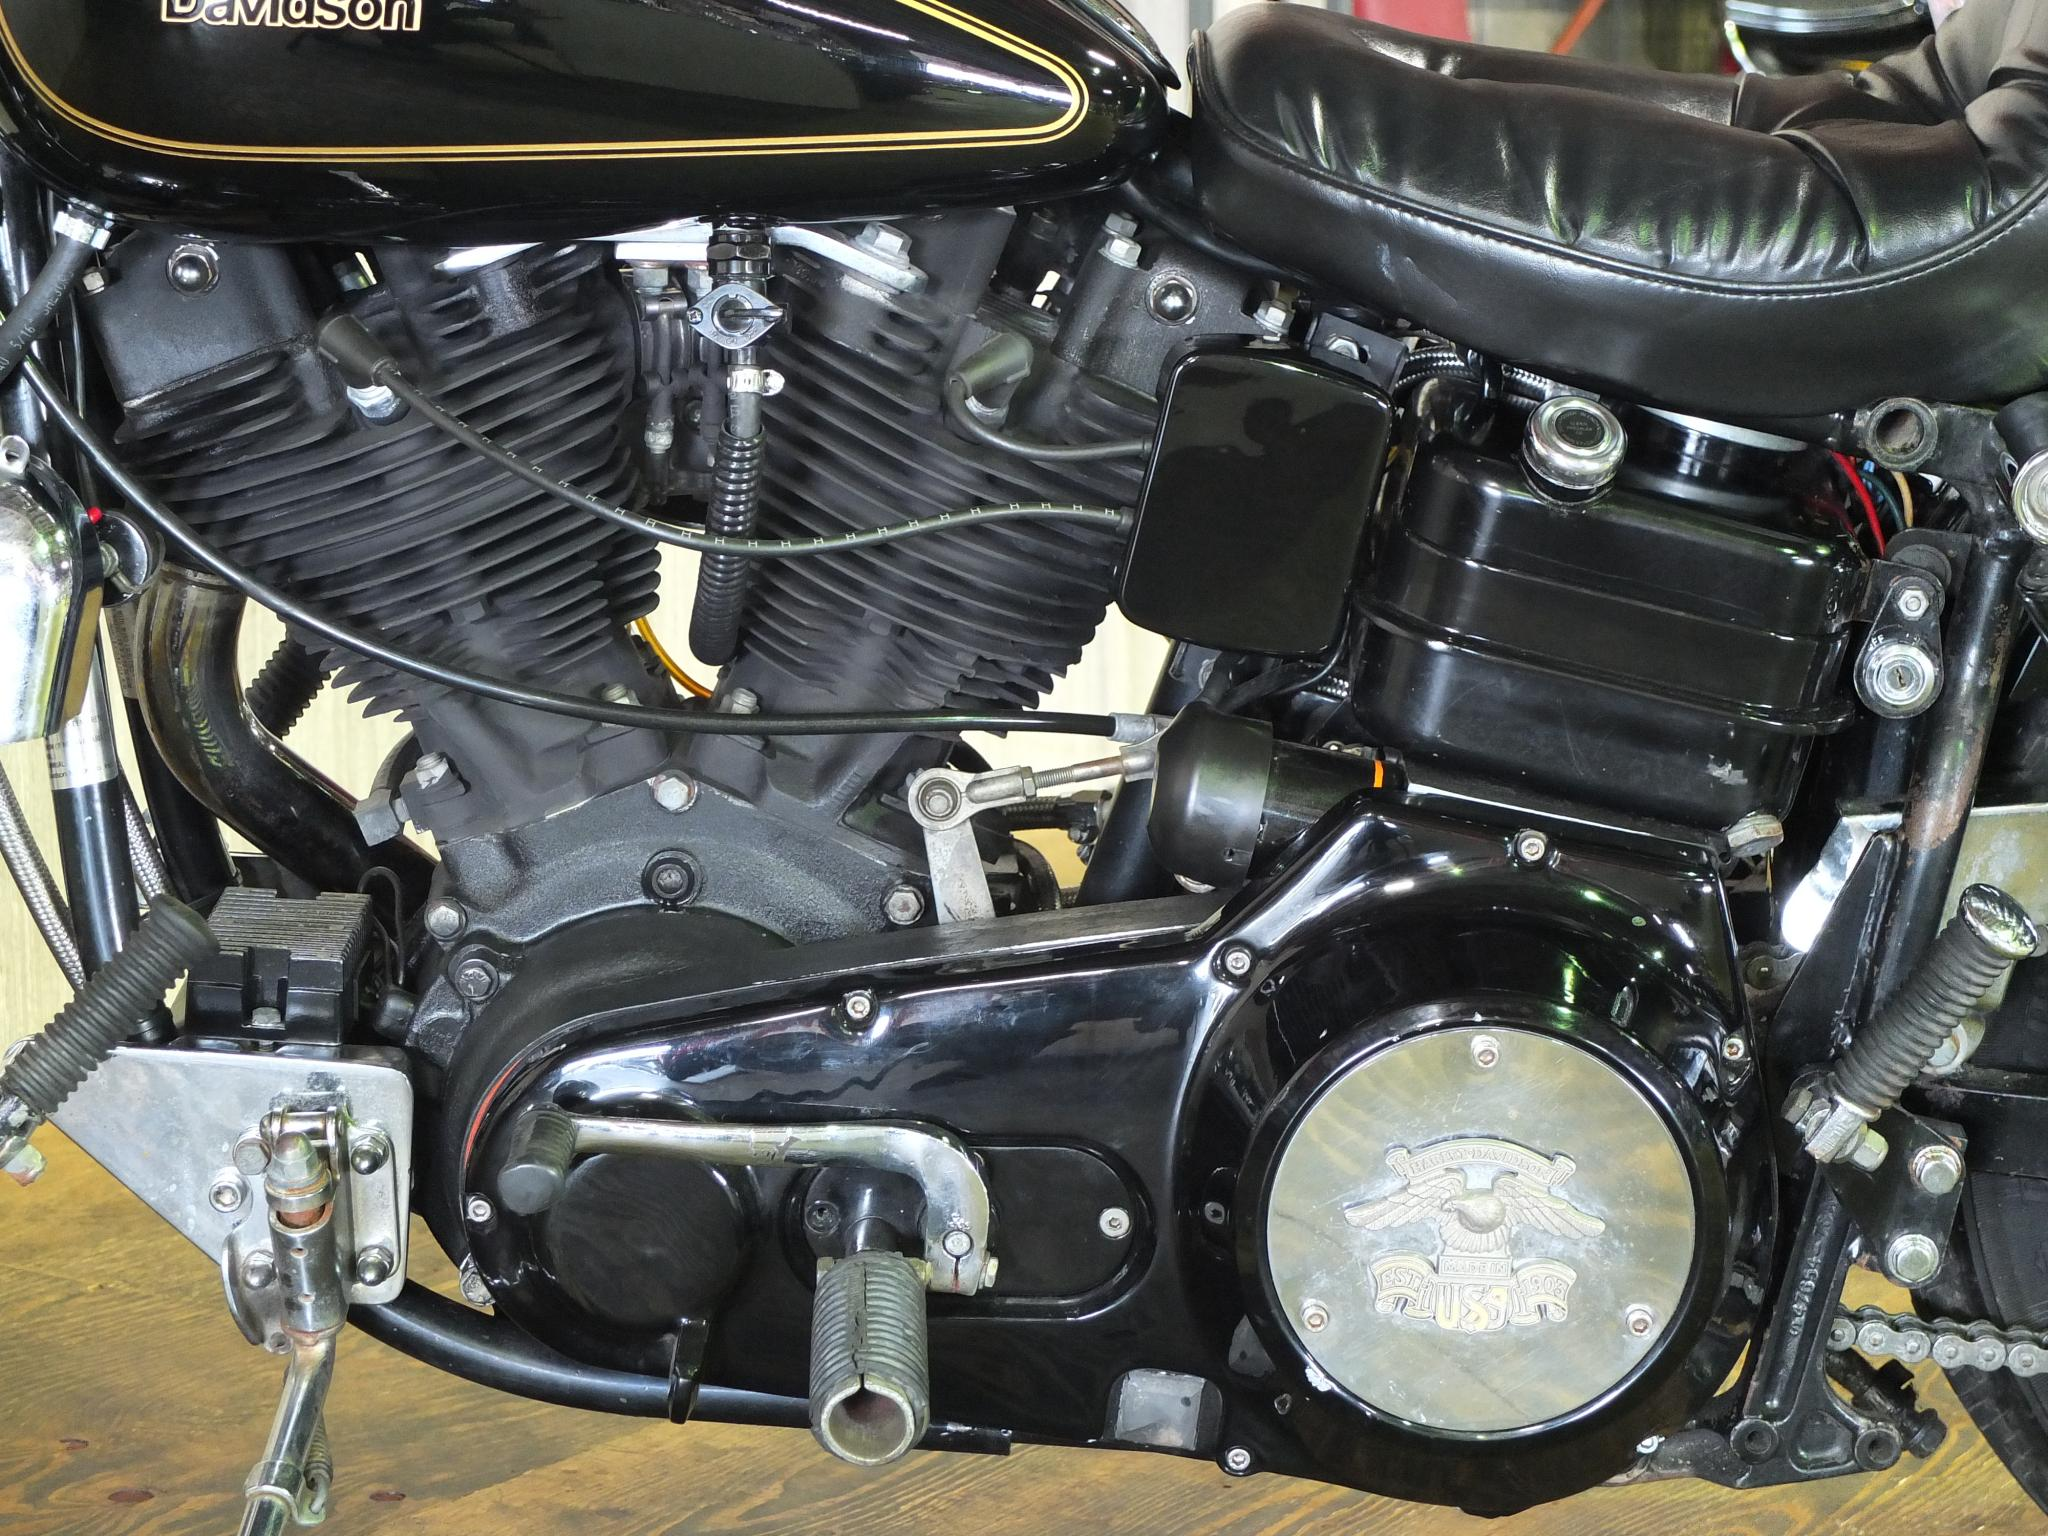 ハーレーダビッドソン 1981 FXS Low Rider 車体写真8